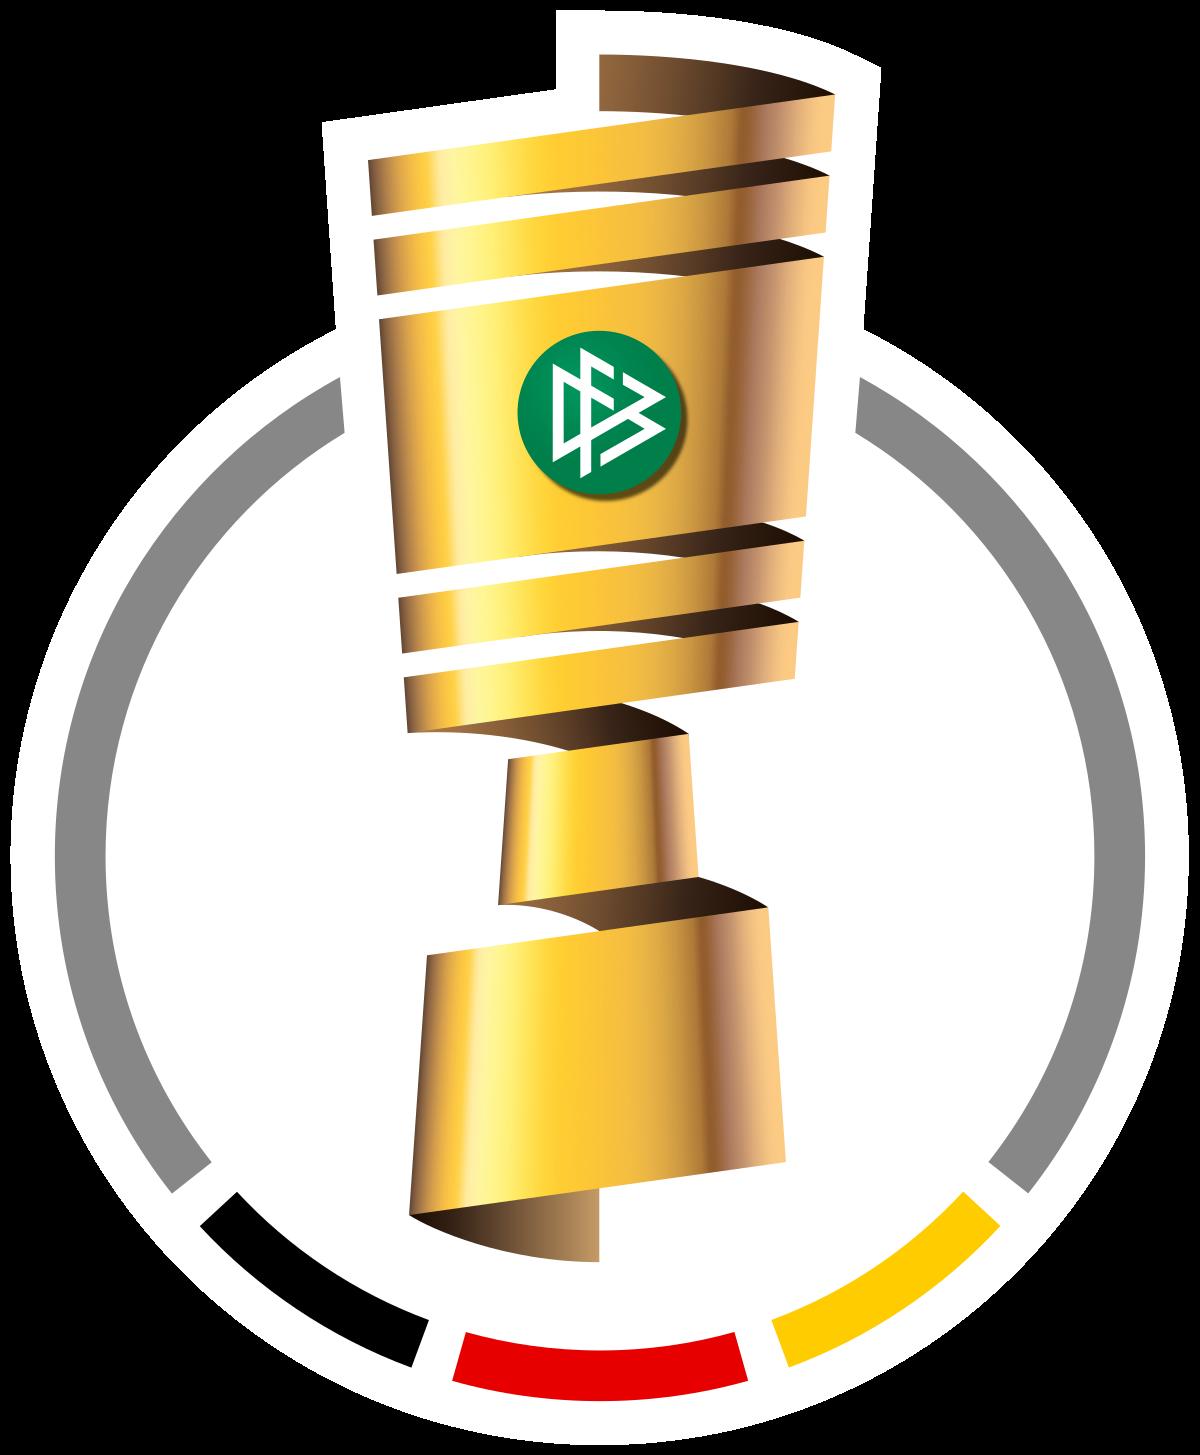 """Το Κύπελλο Γερμανίας ξαναρχίζει και η """"κούπα"""" θα κριθεί στο γήπεδο των καναλιών Novasports!"""